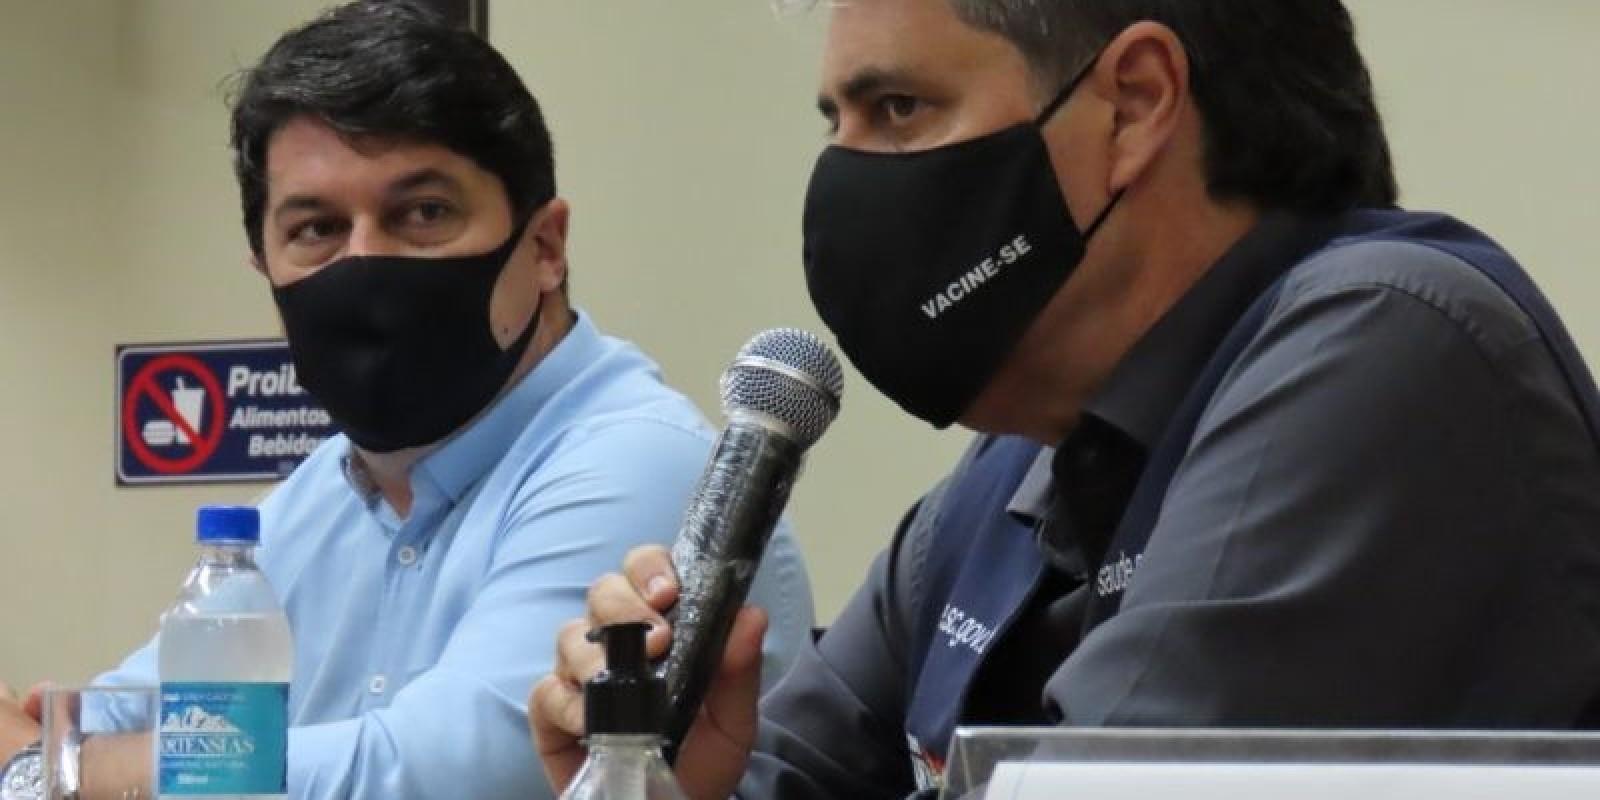 Secretário de Saúde de SC assina carta que pede duras restrições no país